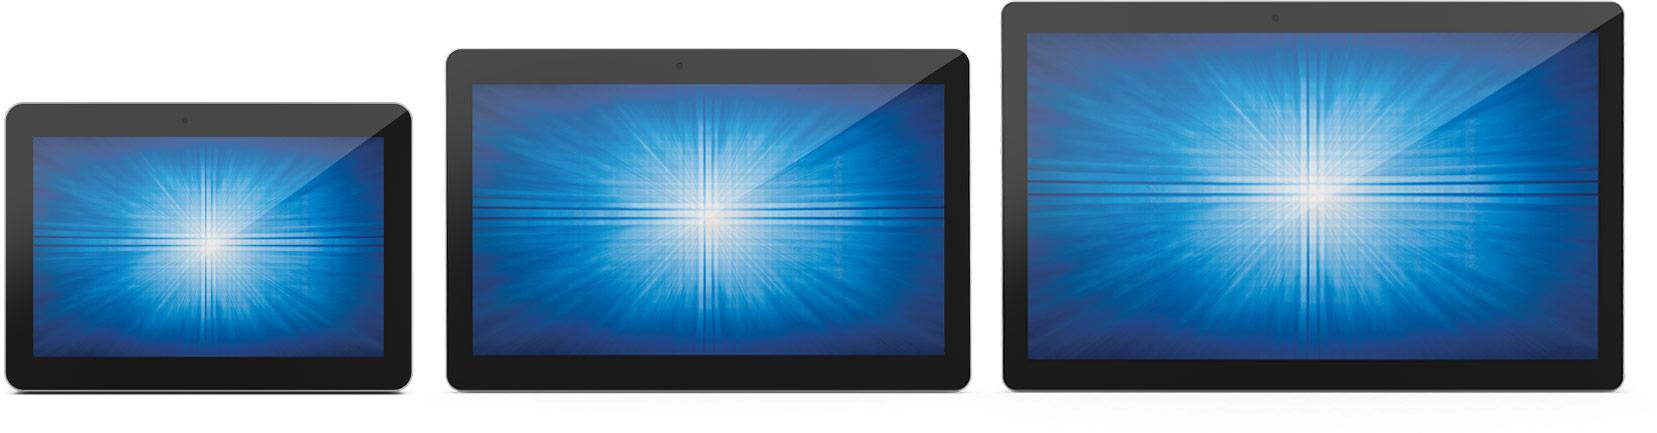 Tablets-header